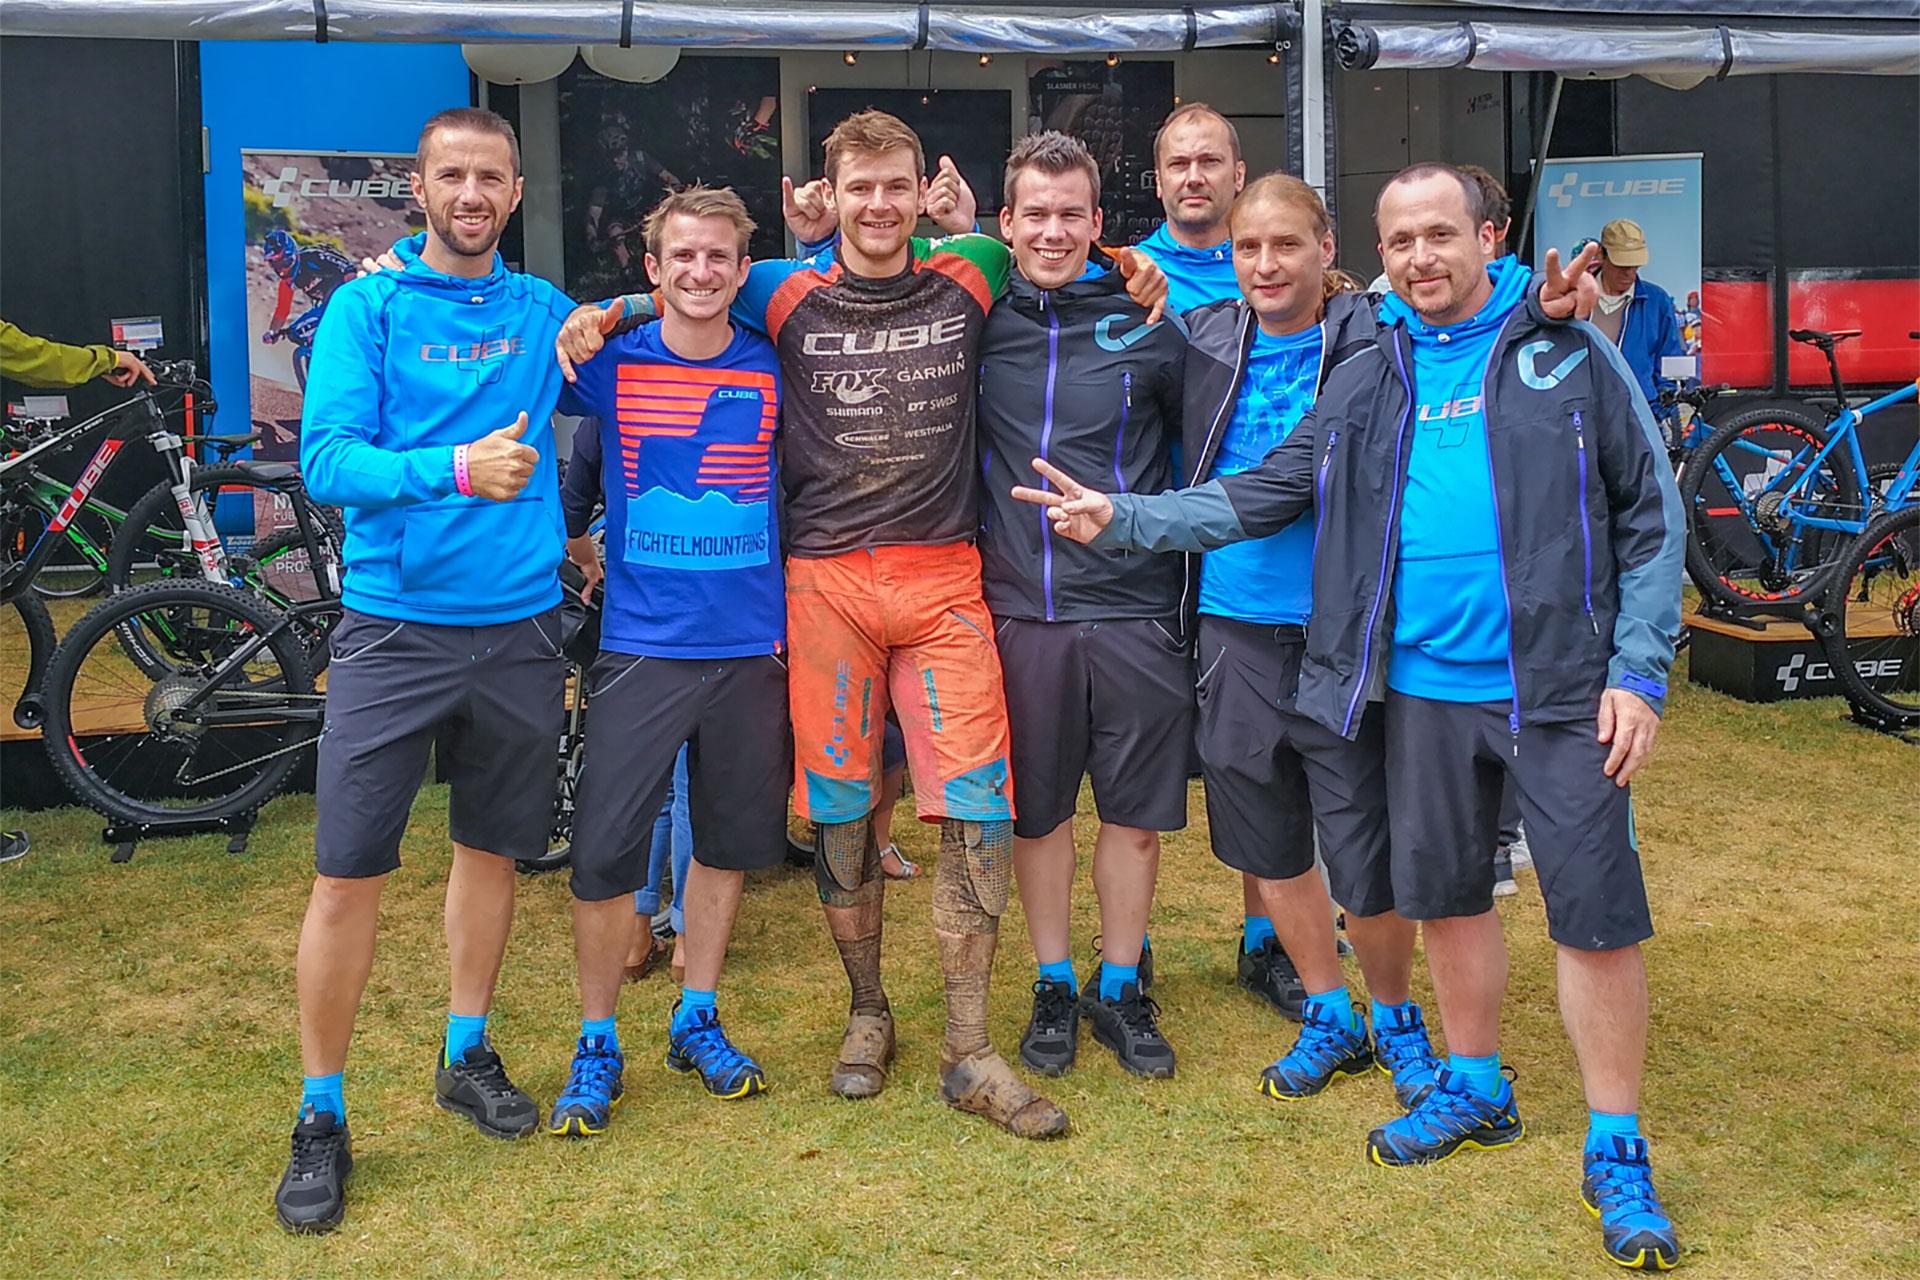 Toute l'équipe Cube Bikes France était là pour soutenir Greg Callaghan.